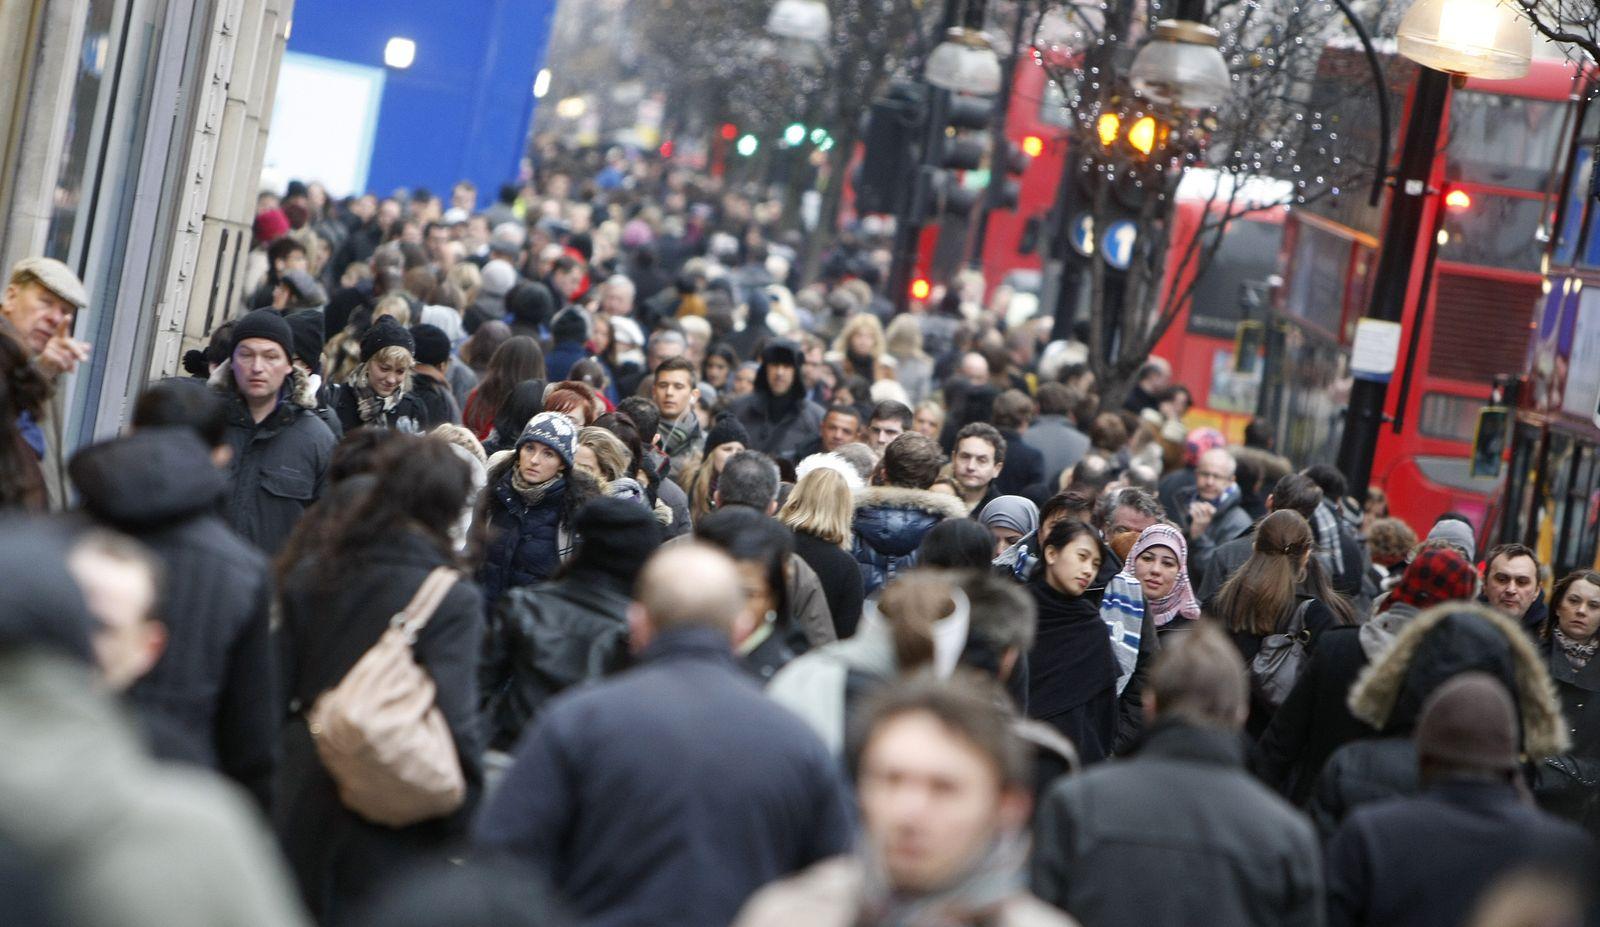 London / Einkaufen / Oxford Street